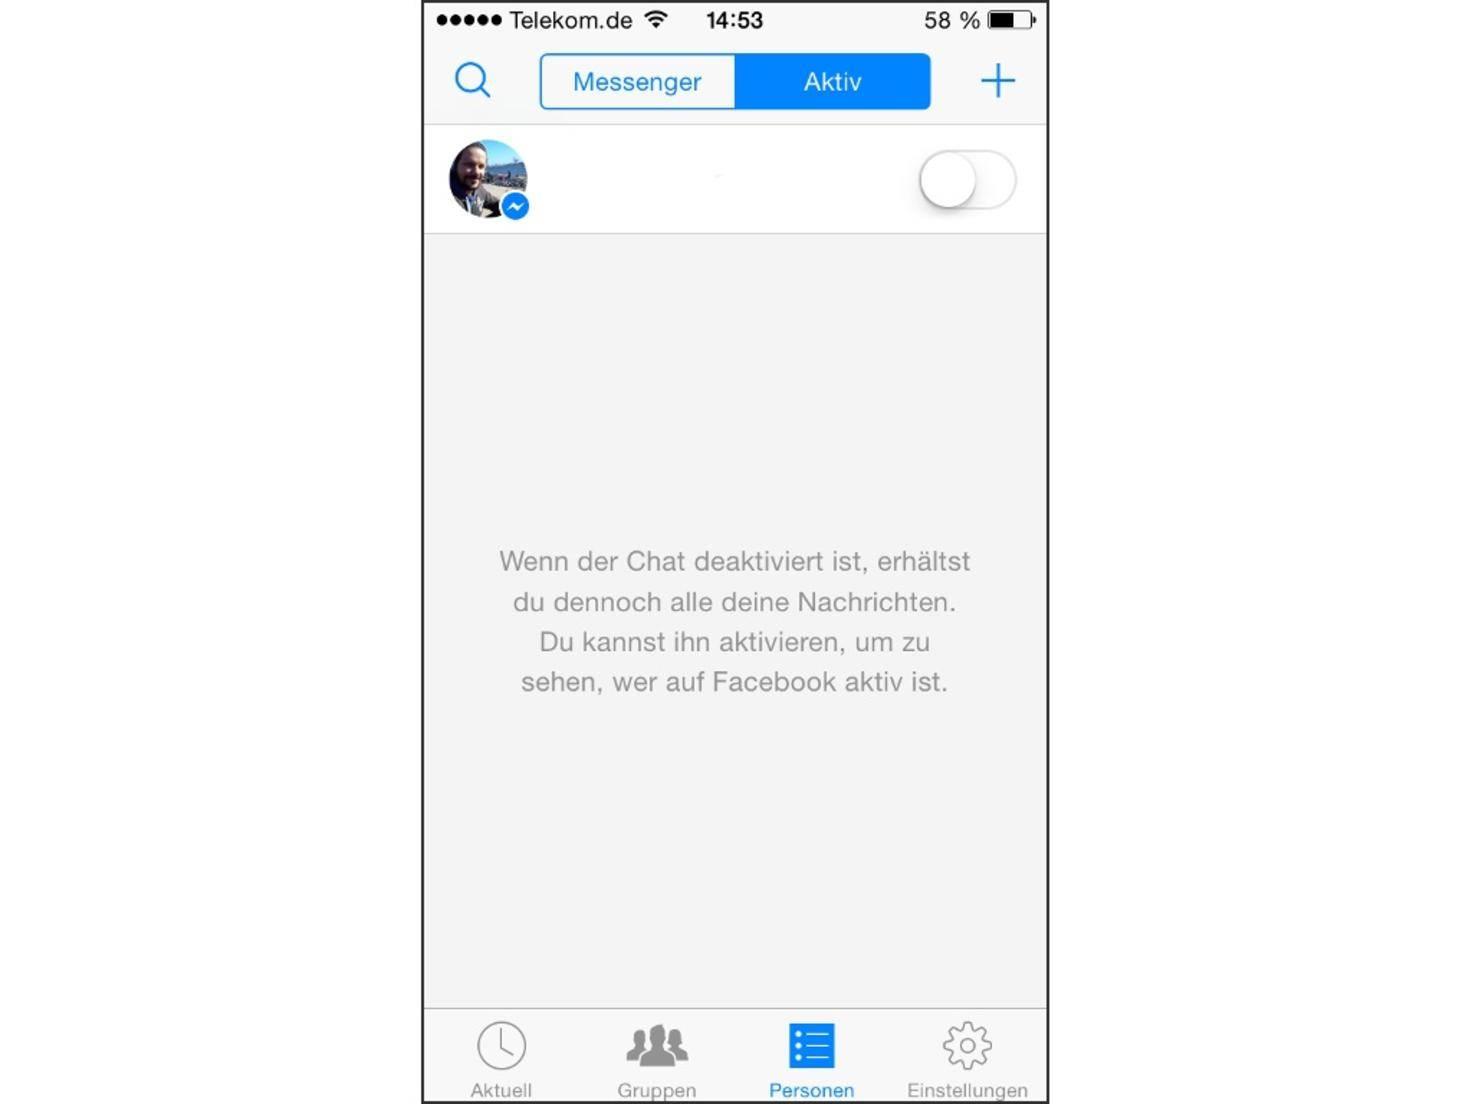 Der Chat im Facebook Messenger lässt sich ganz einfach abschalten.